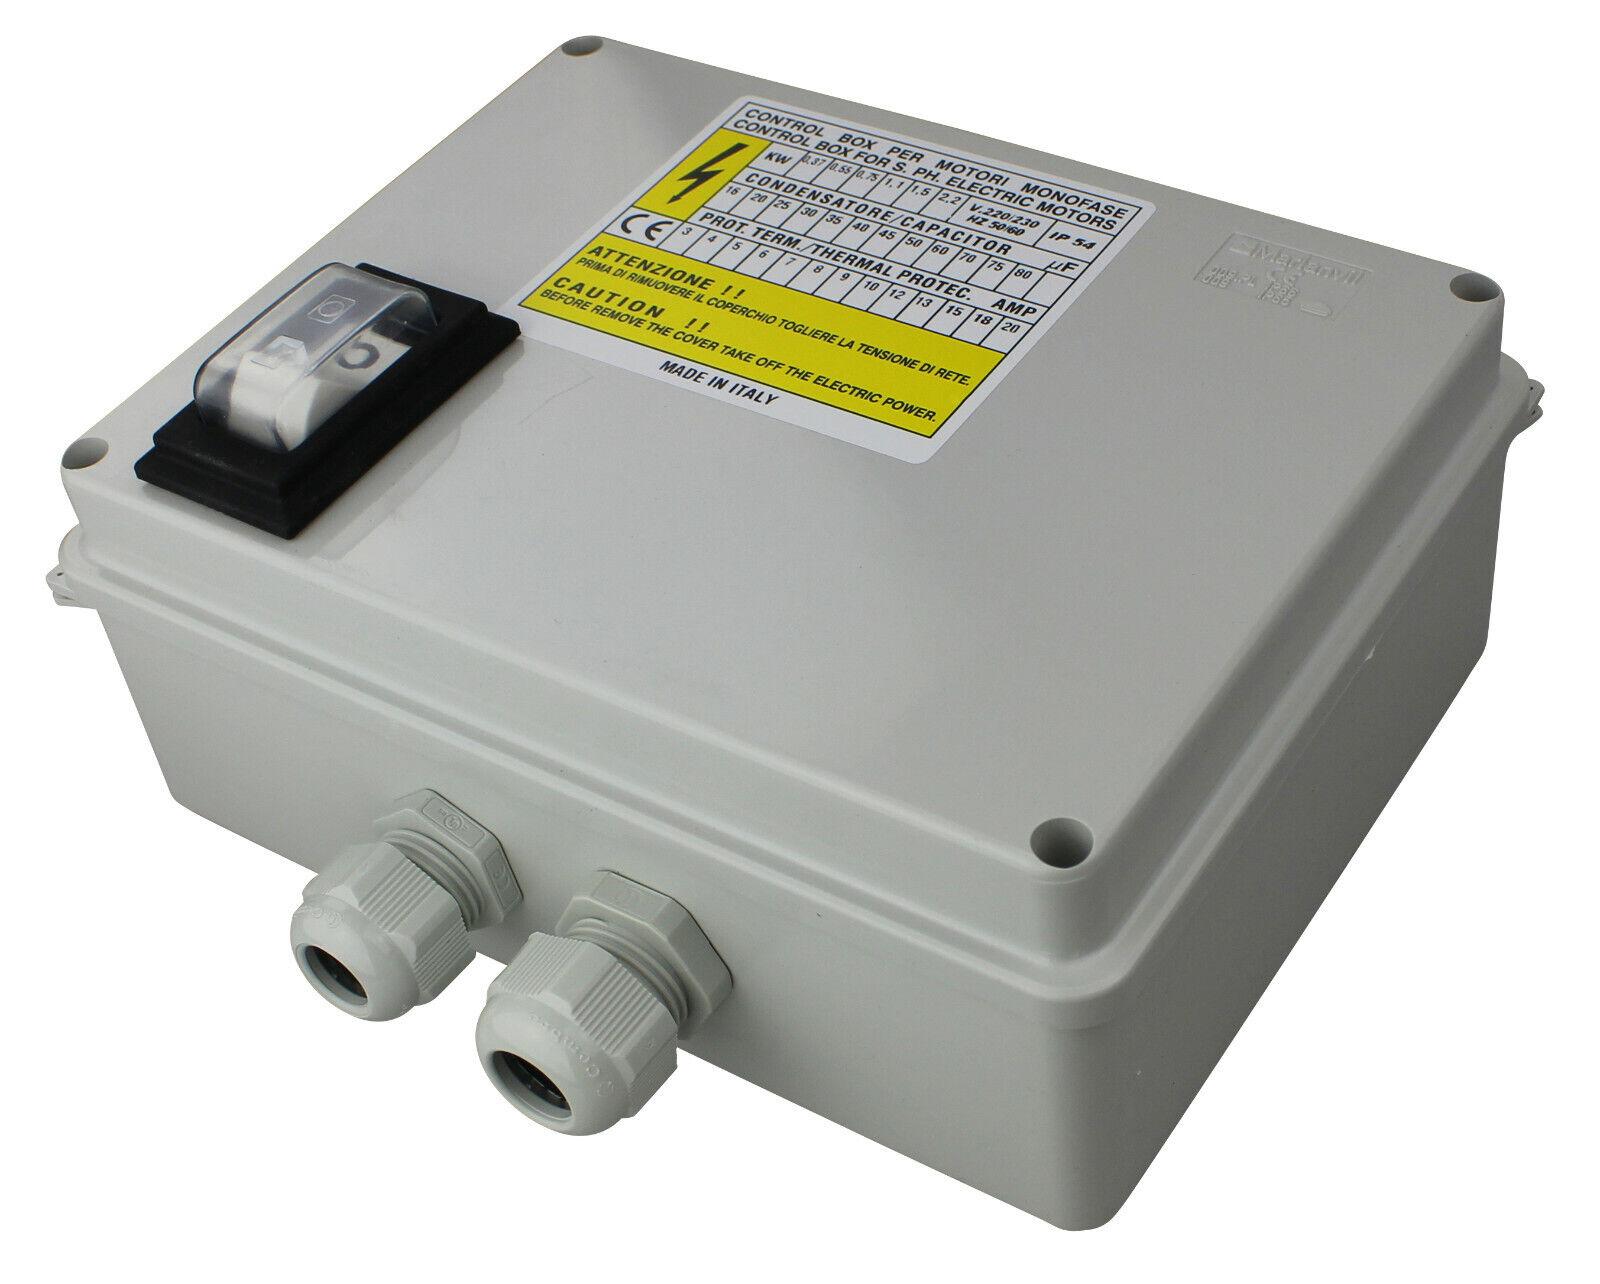 Caja Control 80μF,18A,2,2KW,230V con Projoección Del Motor, Condensador Y